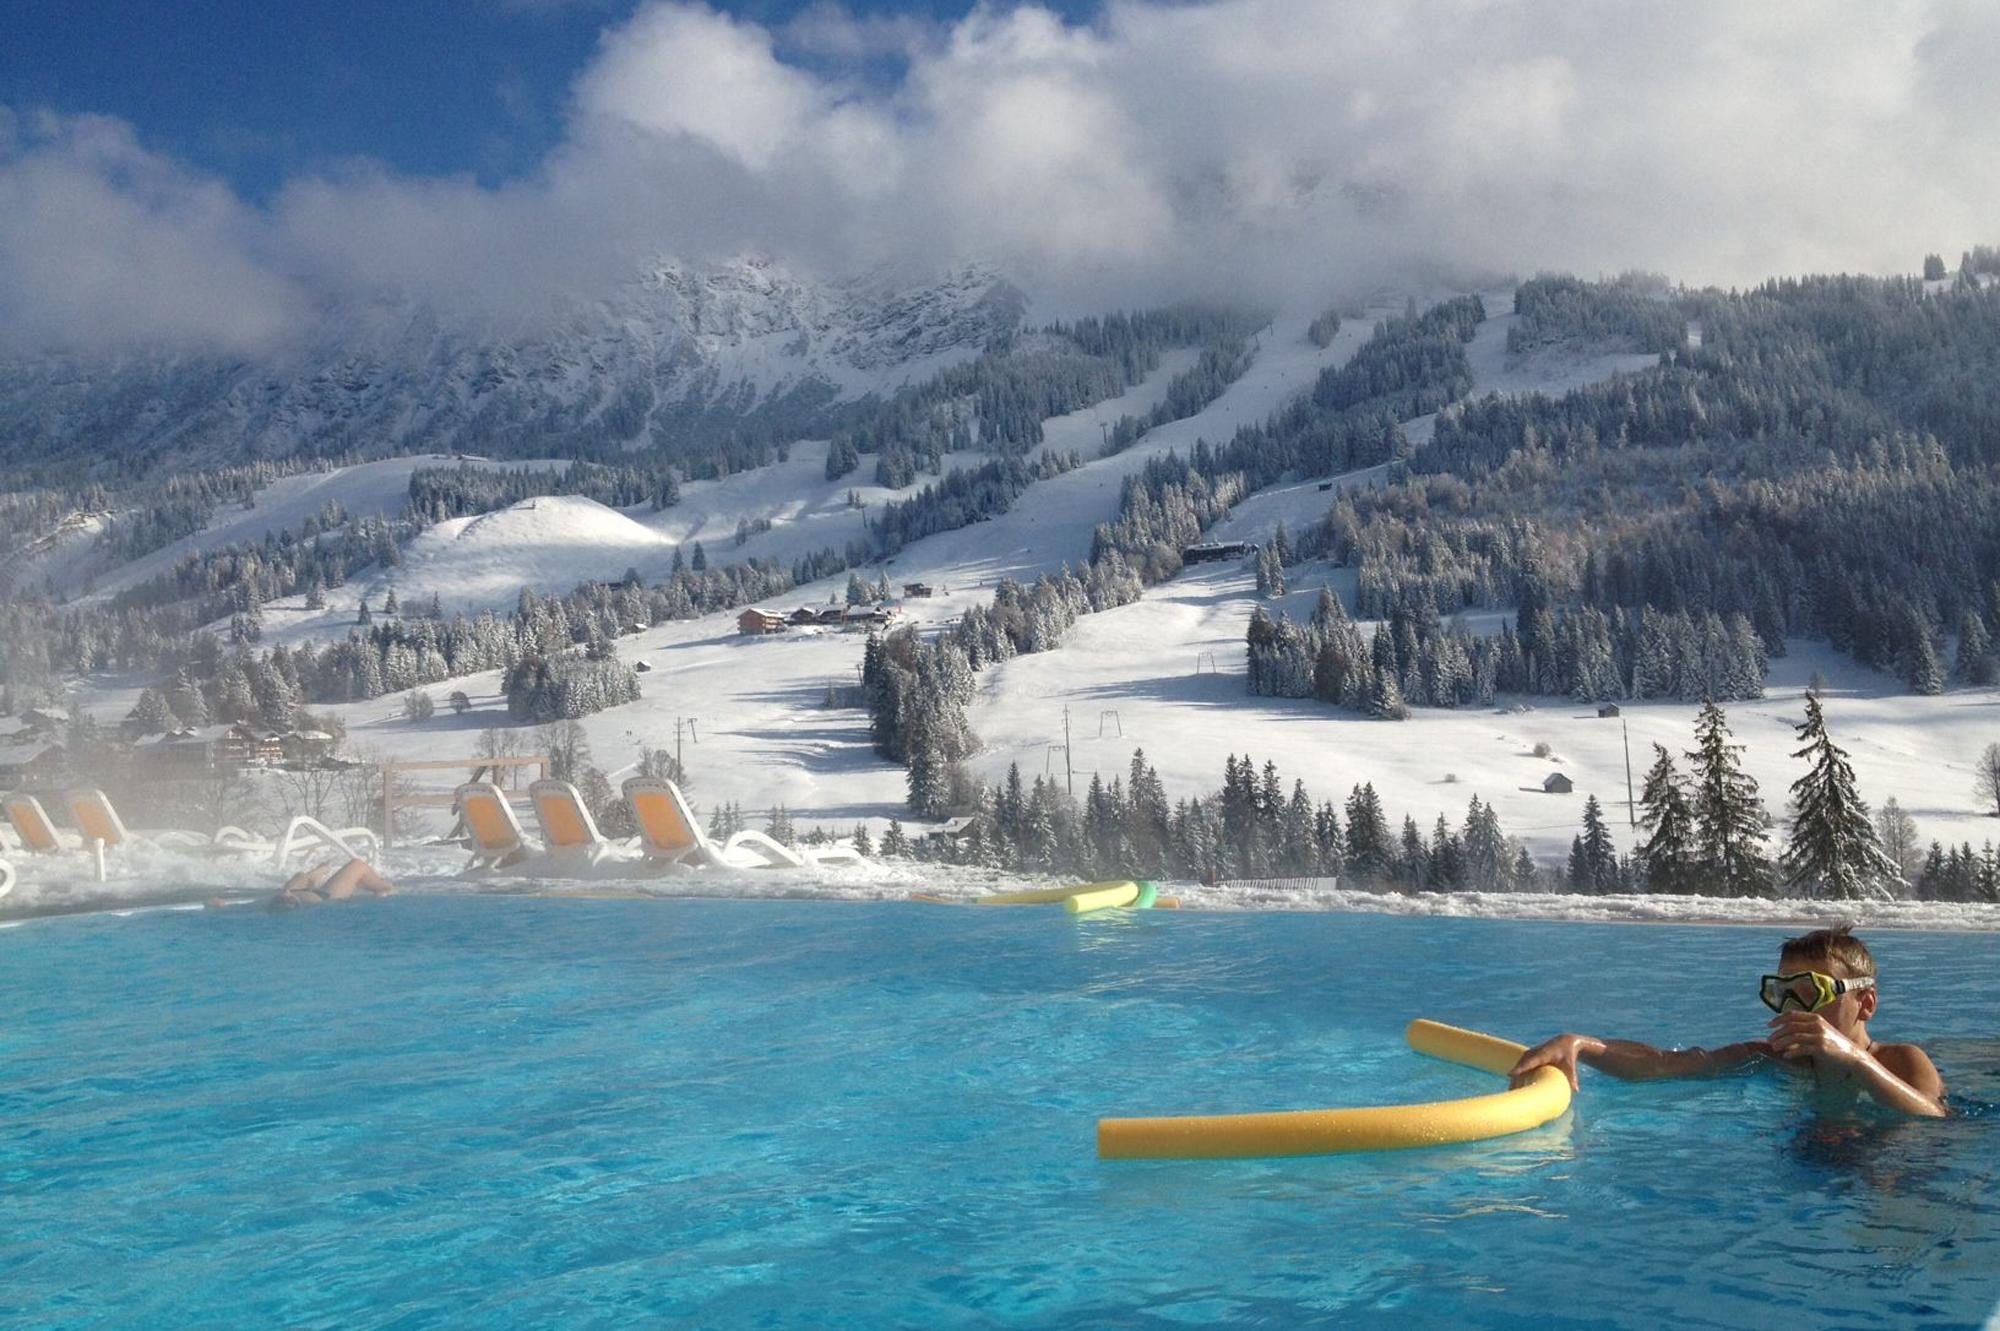 Schwimmbecken im Schnee